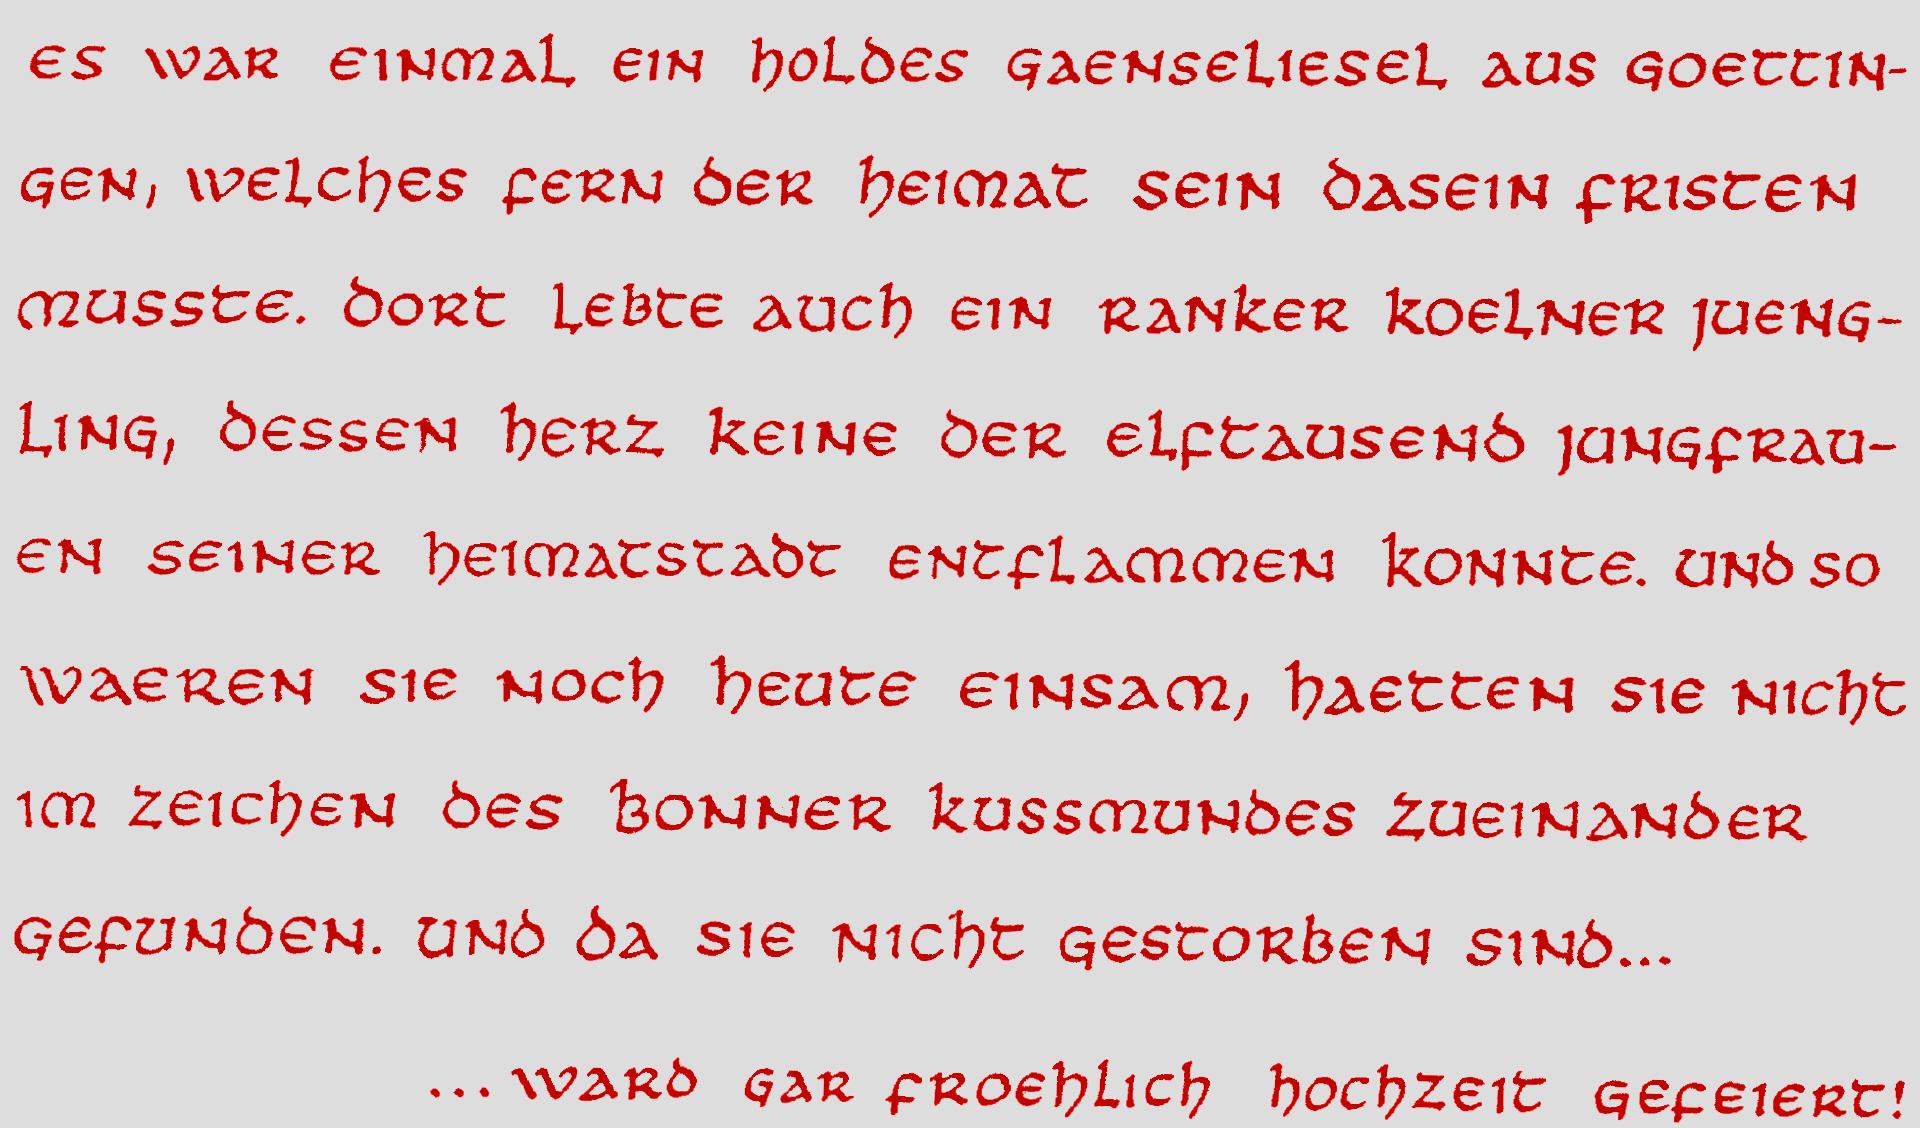 Es war einmal ein holdes Gaenseliesel aus Goettingen, welches fern der Heimat sein Dasein fristen musste. Dort lebte auch ein ranker Koelner Juengling, dessen Herz keine der elftausend Jungfrauen seiner Heimatstadt entflammen konnte. Und so waeren sie noch heute einsam, haetten sie nicht im Zeichen des Bonner Kussmundes zueinender gefunden. Und da sie nicht gestorben sind, ward gar froehlich Hochzeit gefeiert!